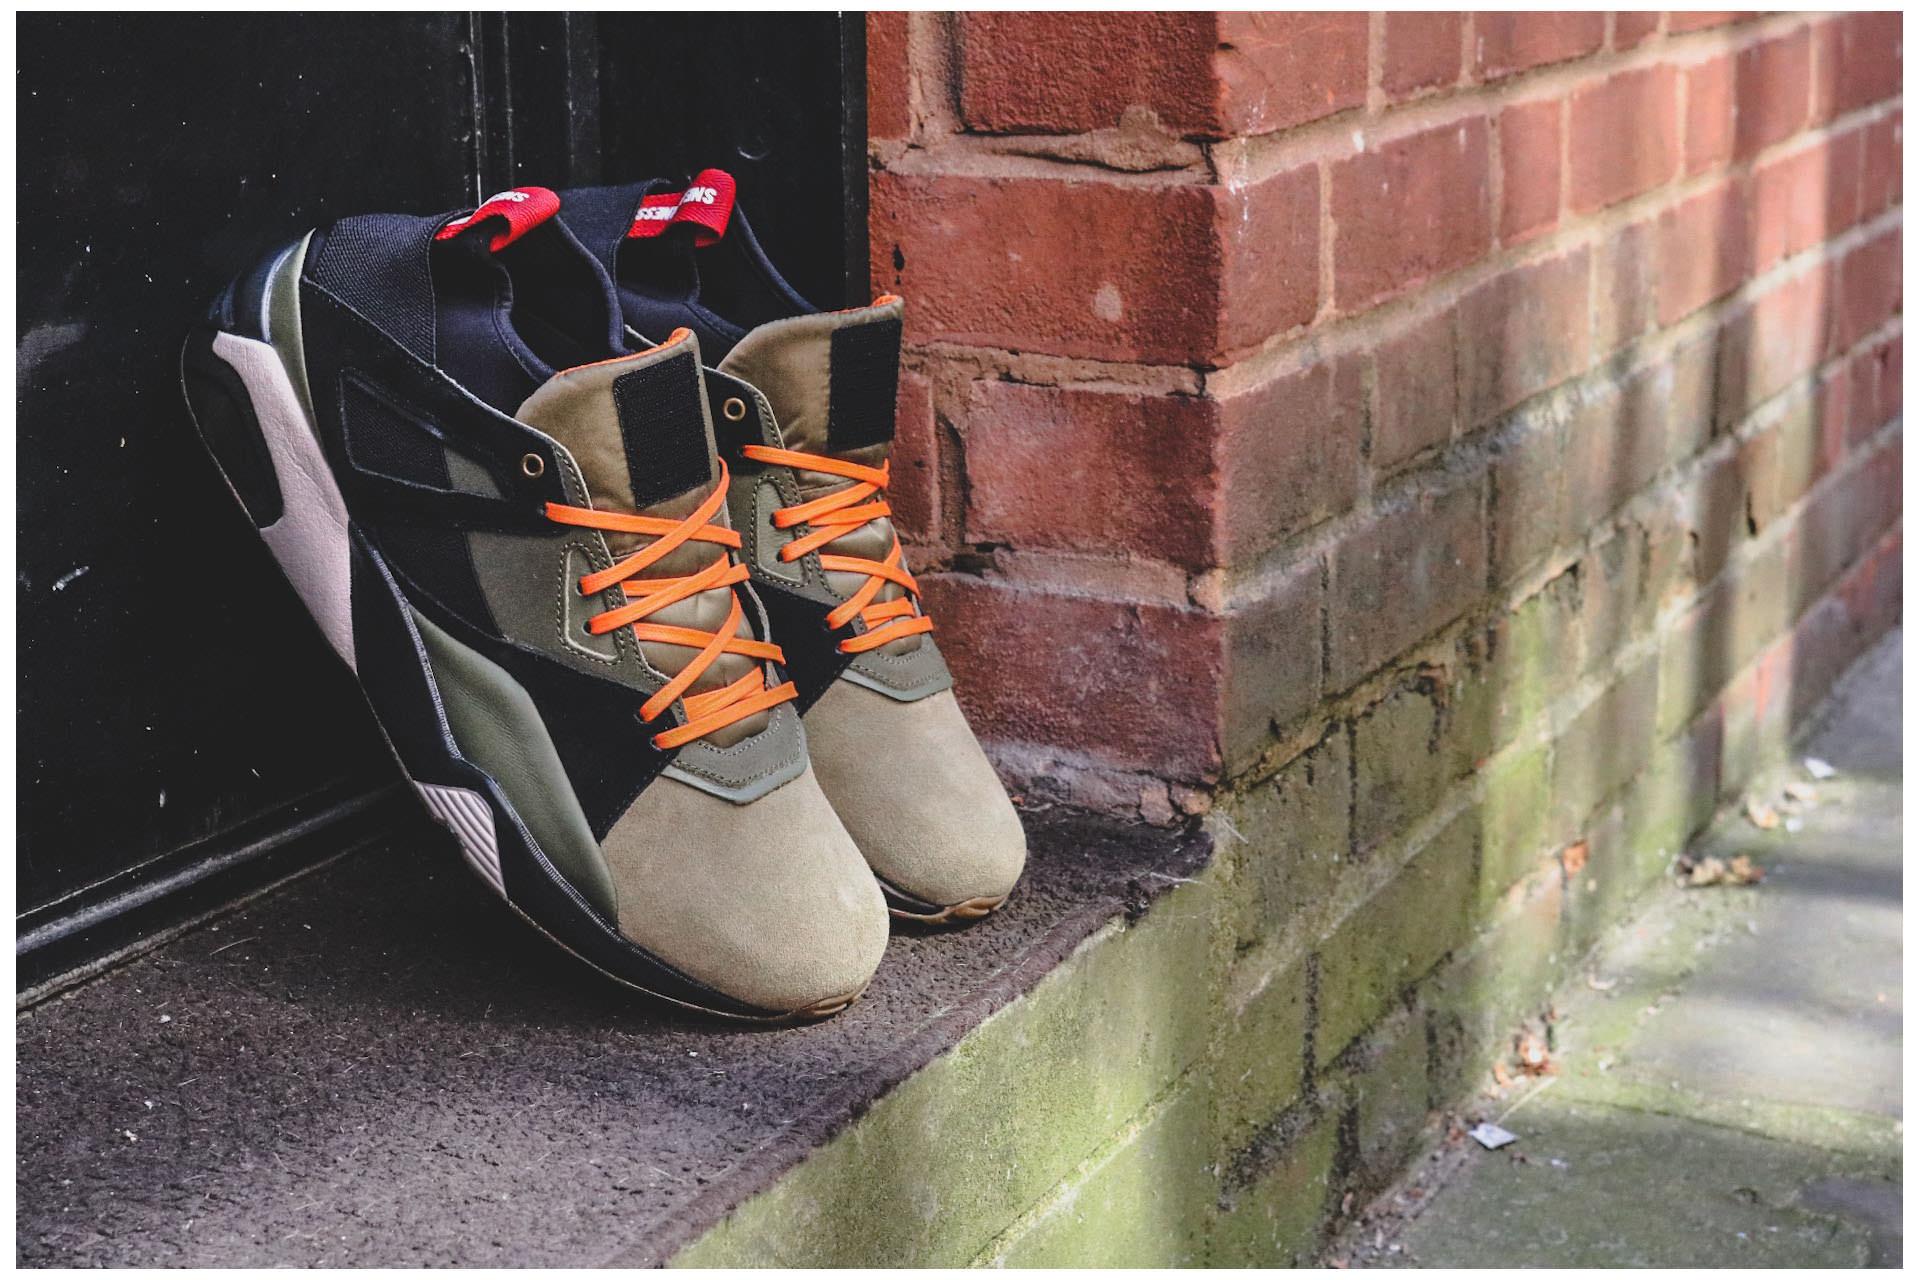 6b79ee5fbfe0 Sneakerness Paris x Puma BoG Sock - Visionarism